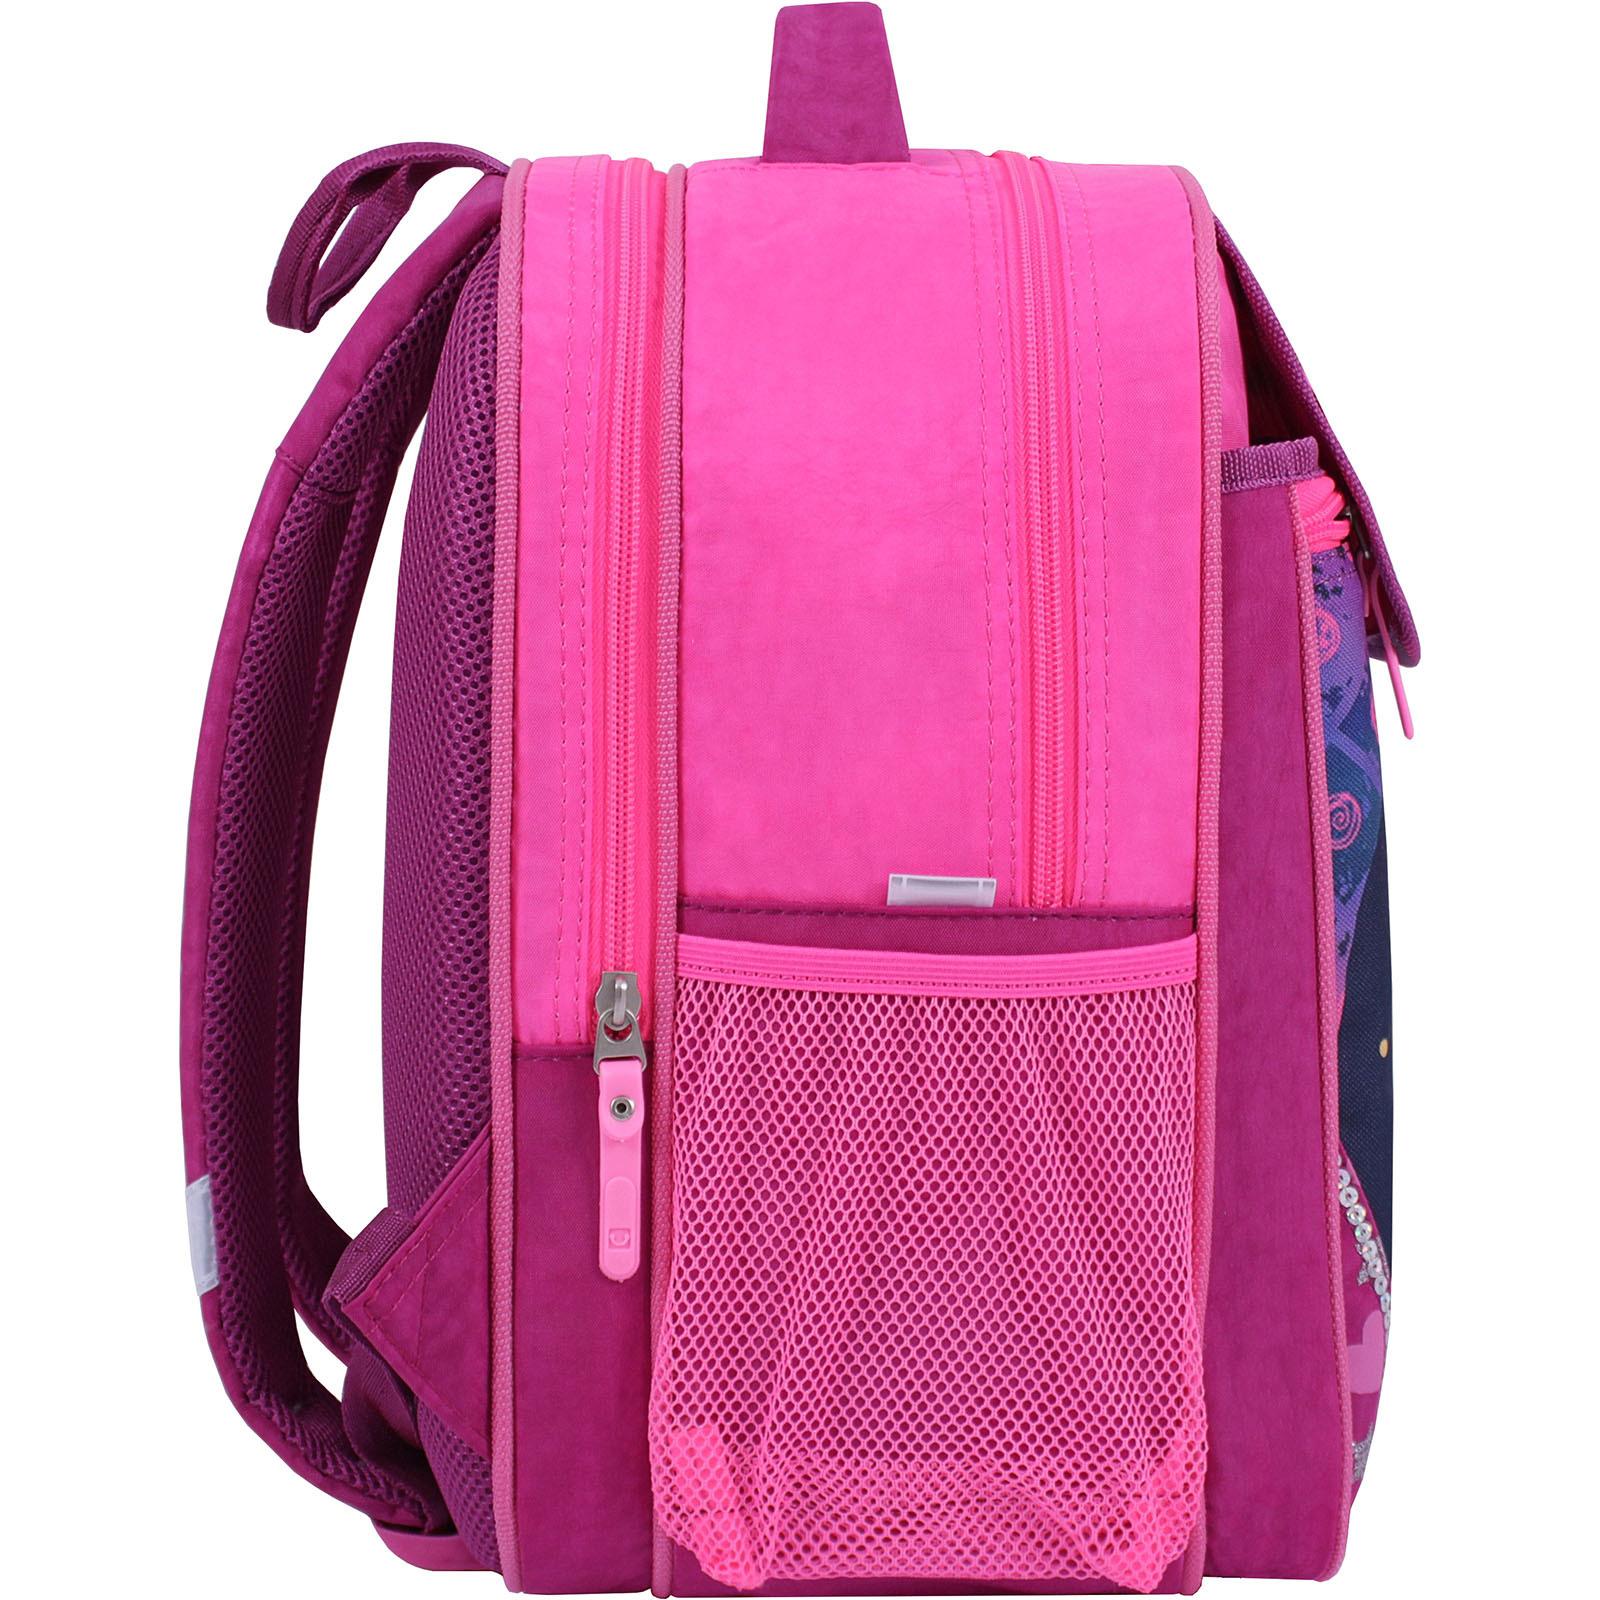 Рюкзак школьный Bagland Отличник 20 л. 143 малина 504 (0058070) фото 2